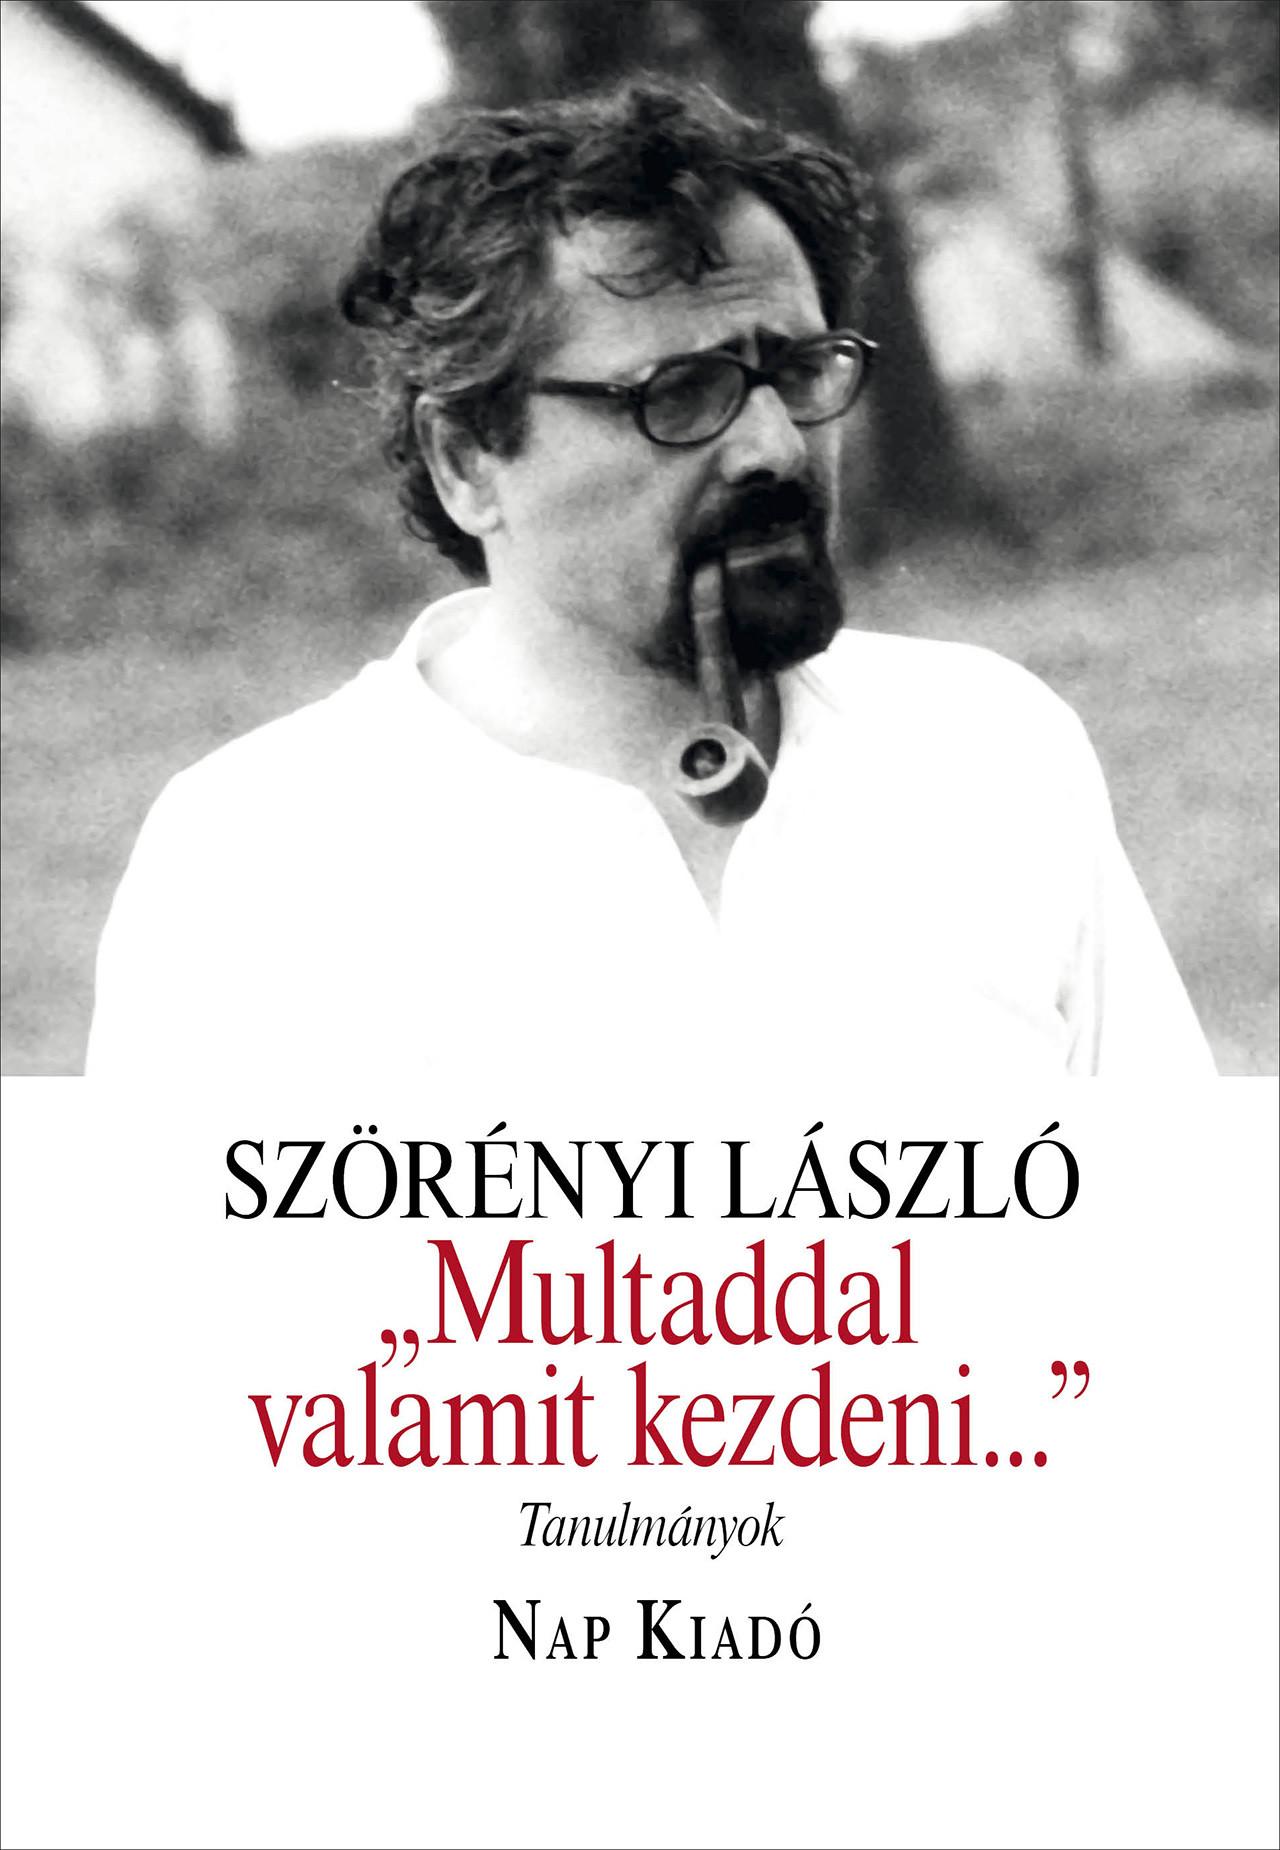 Szörényi László - Multaddal valamit kezdeni...